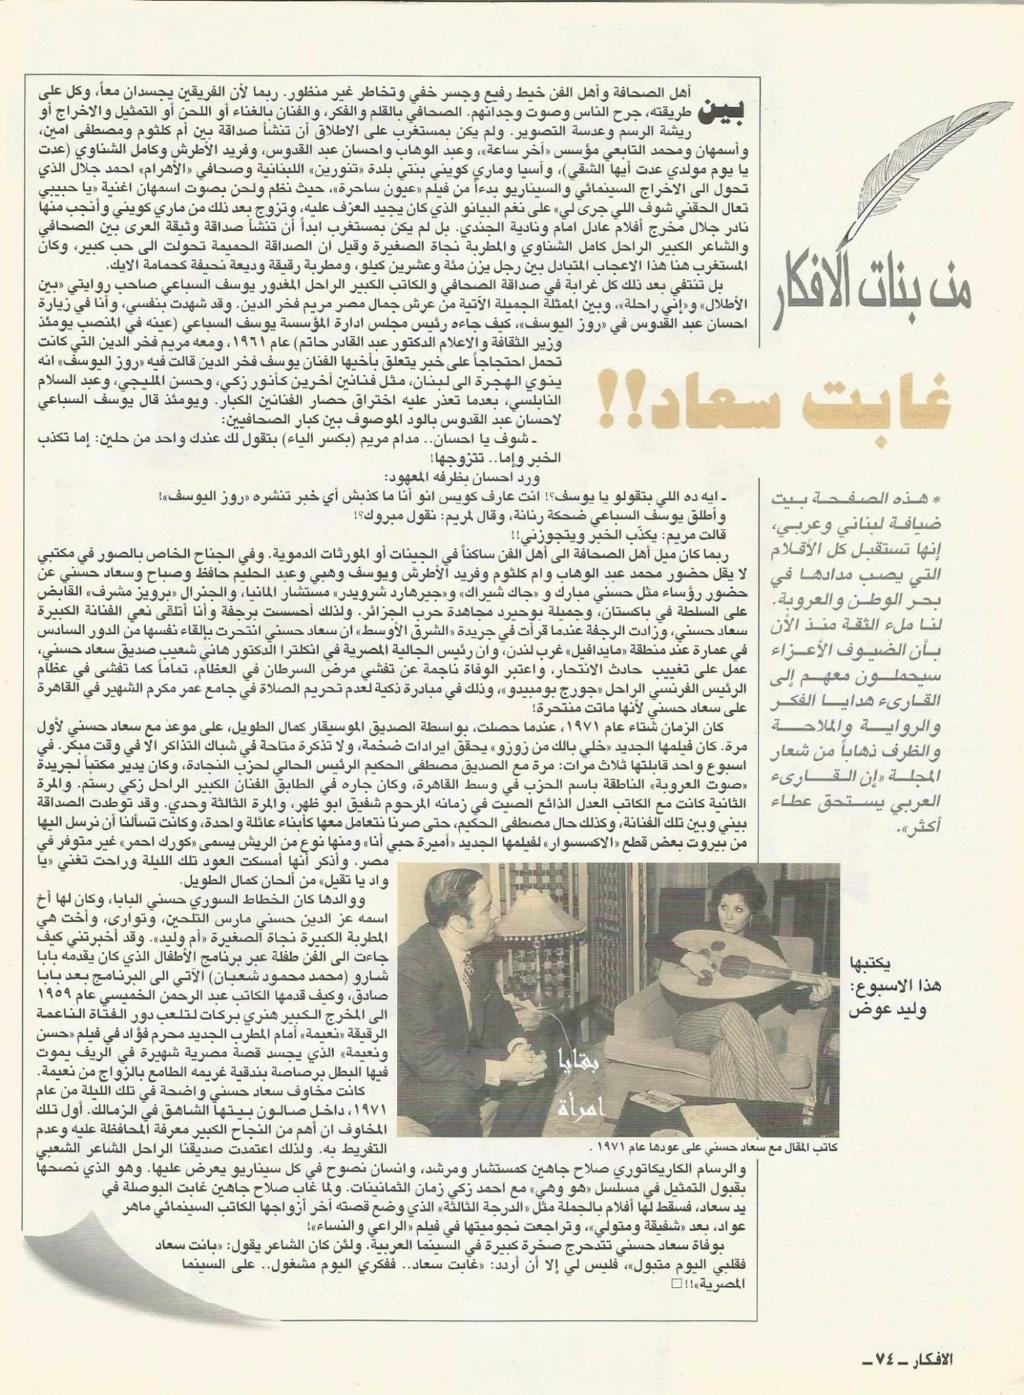 مقال - مقال صحفي : سراج ألغاز وراء انطفاء سعاد حسني! 2001 م 4108